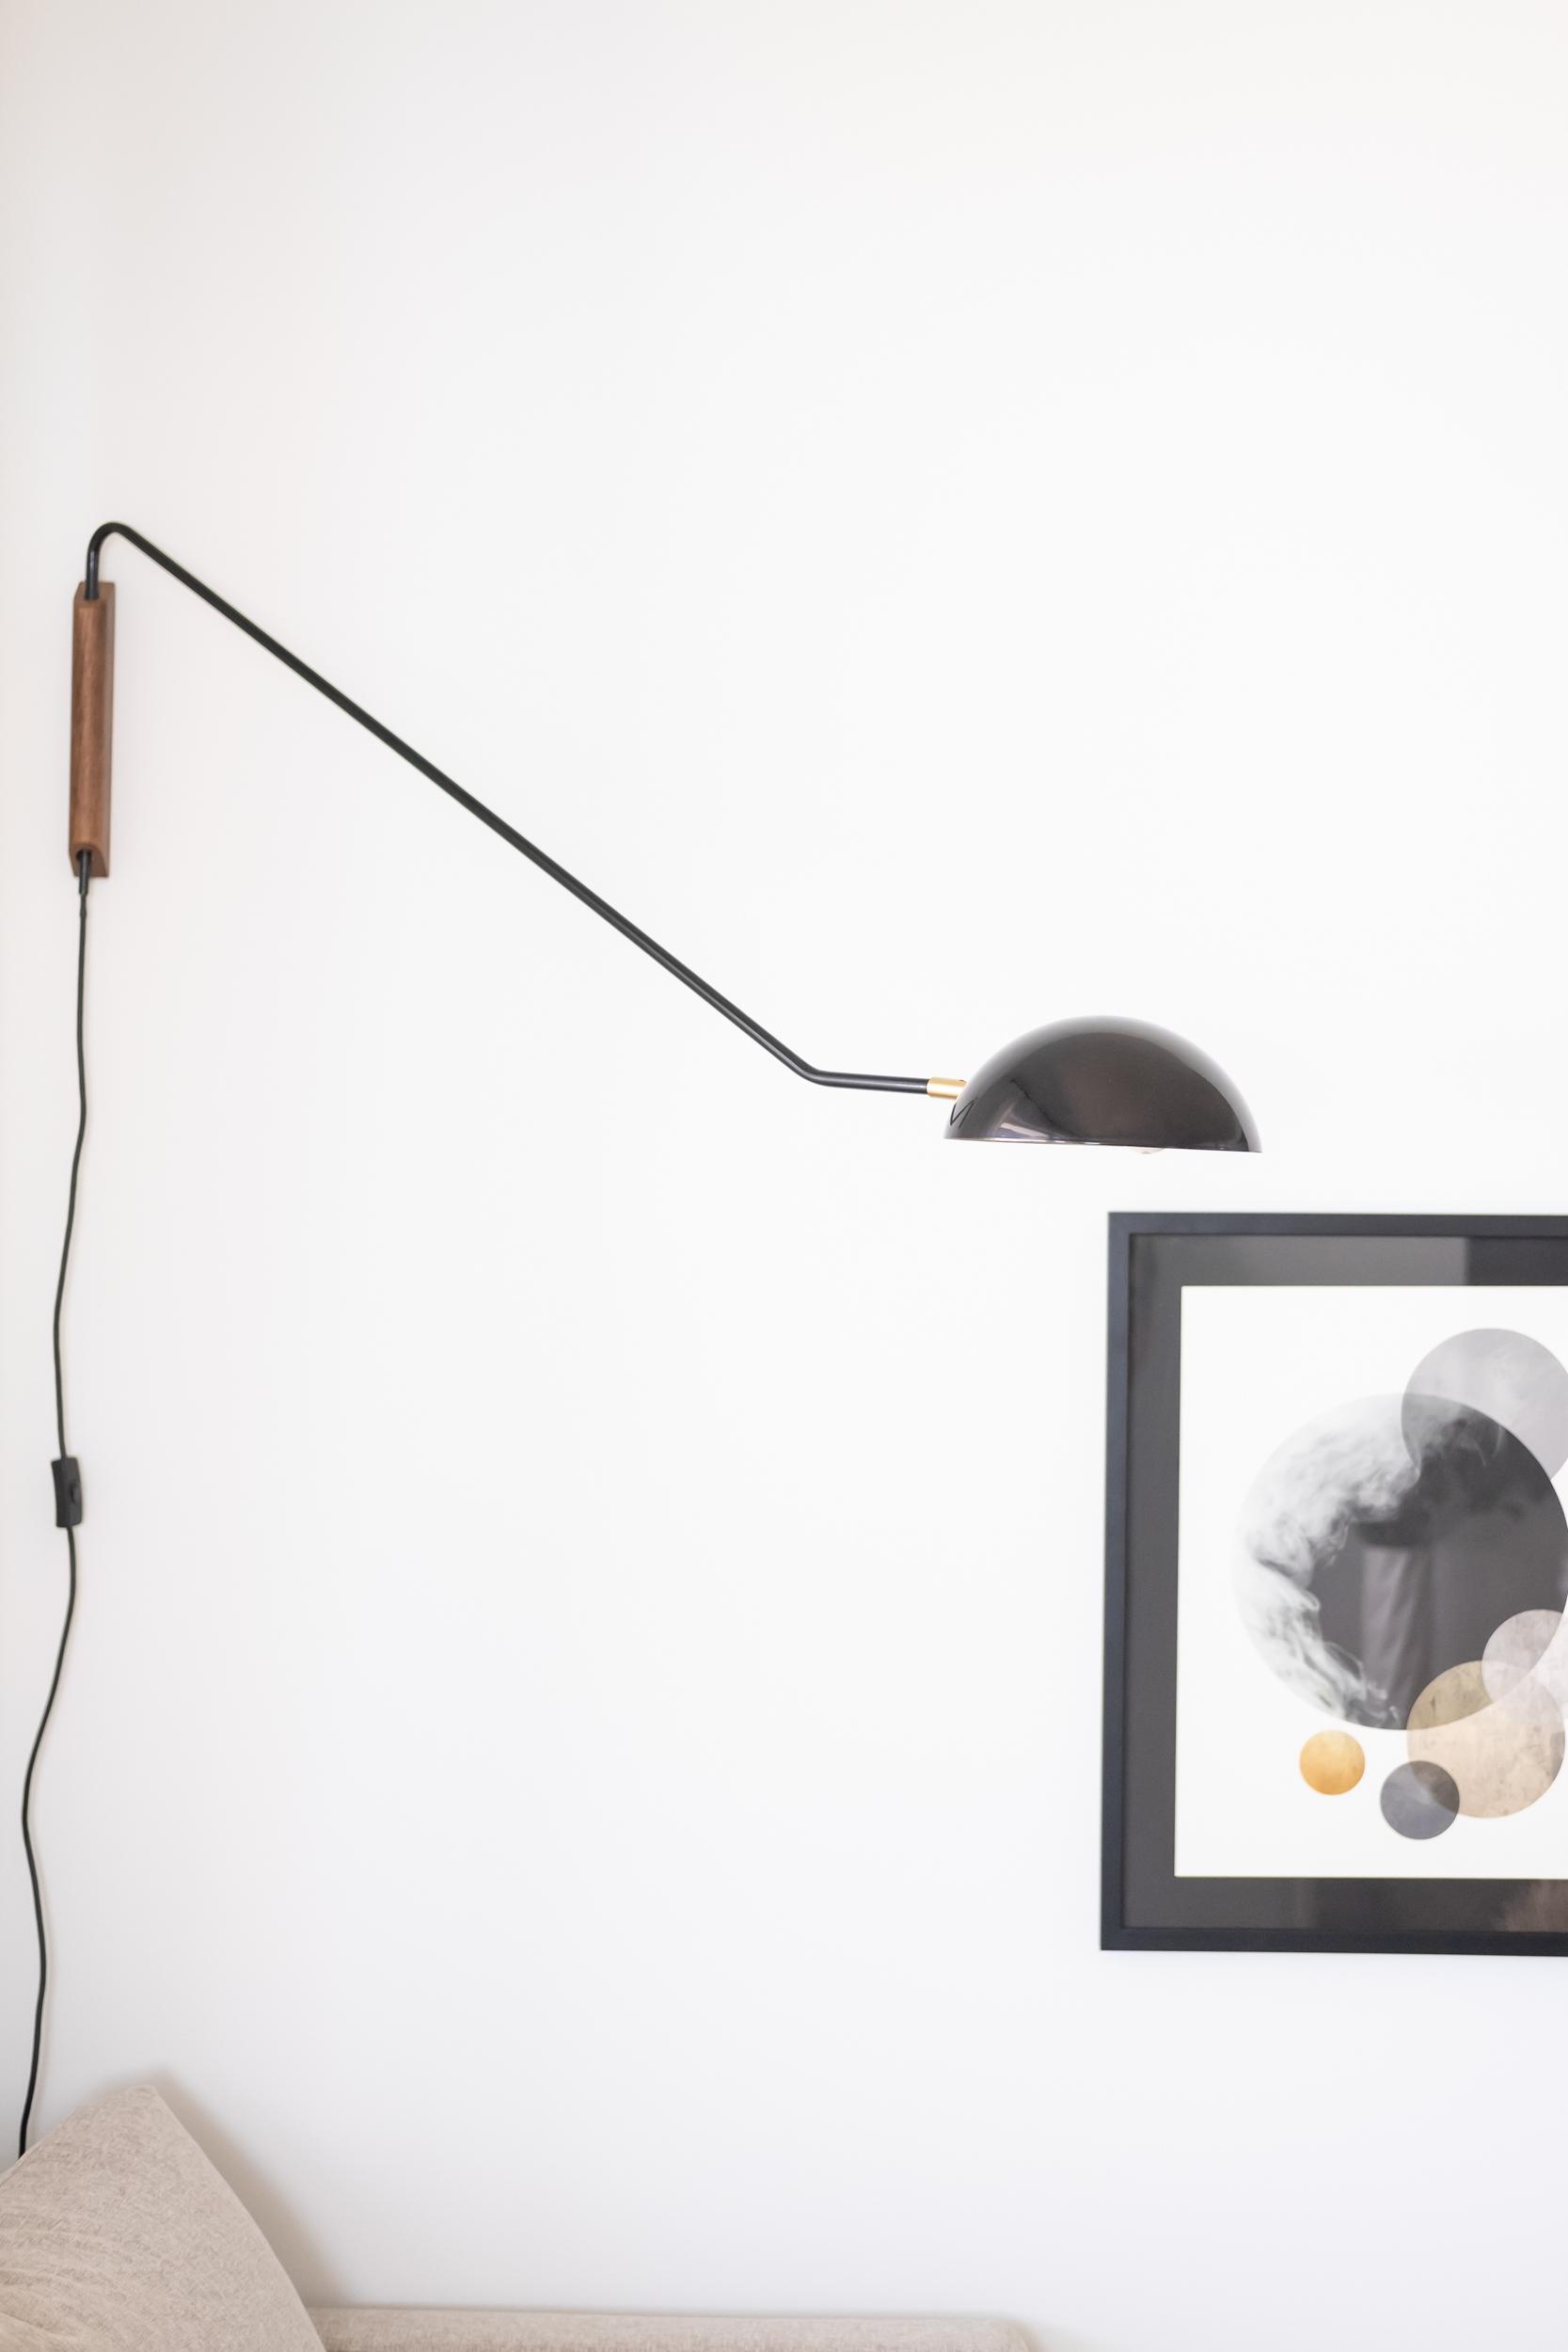 designreflektor-editorial-commercial-photopgraphy-vancouver-0273.jpg